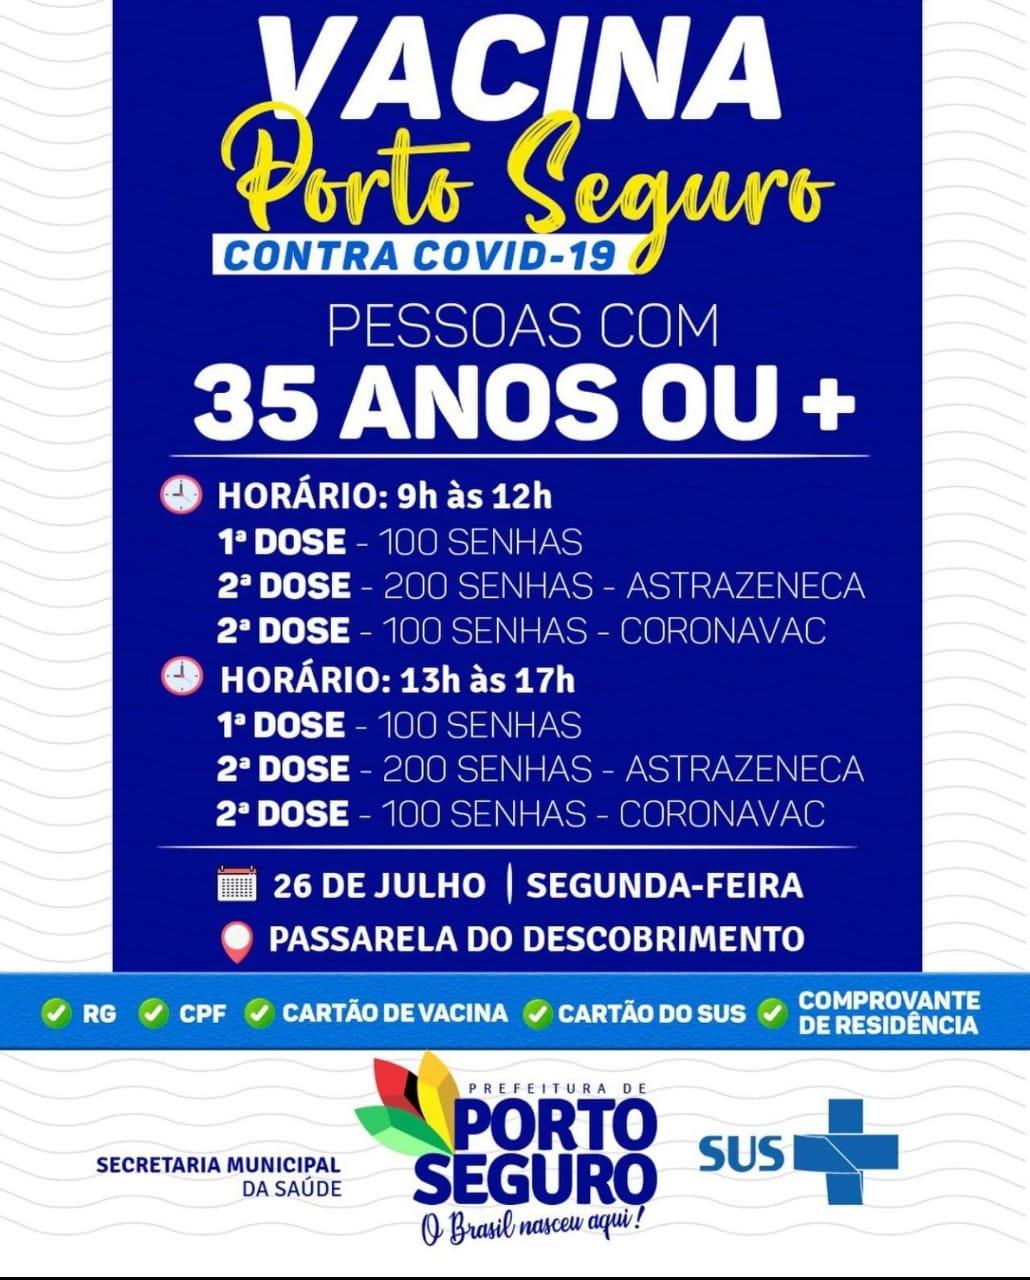 Vacina Porto Seguro contra Covid-19; cronograma de vacinação de 26 a 28 de julho 28